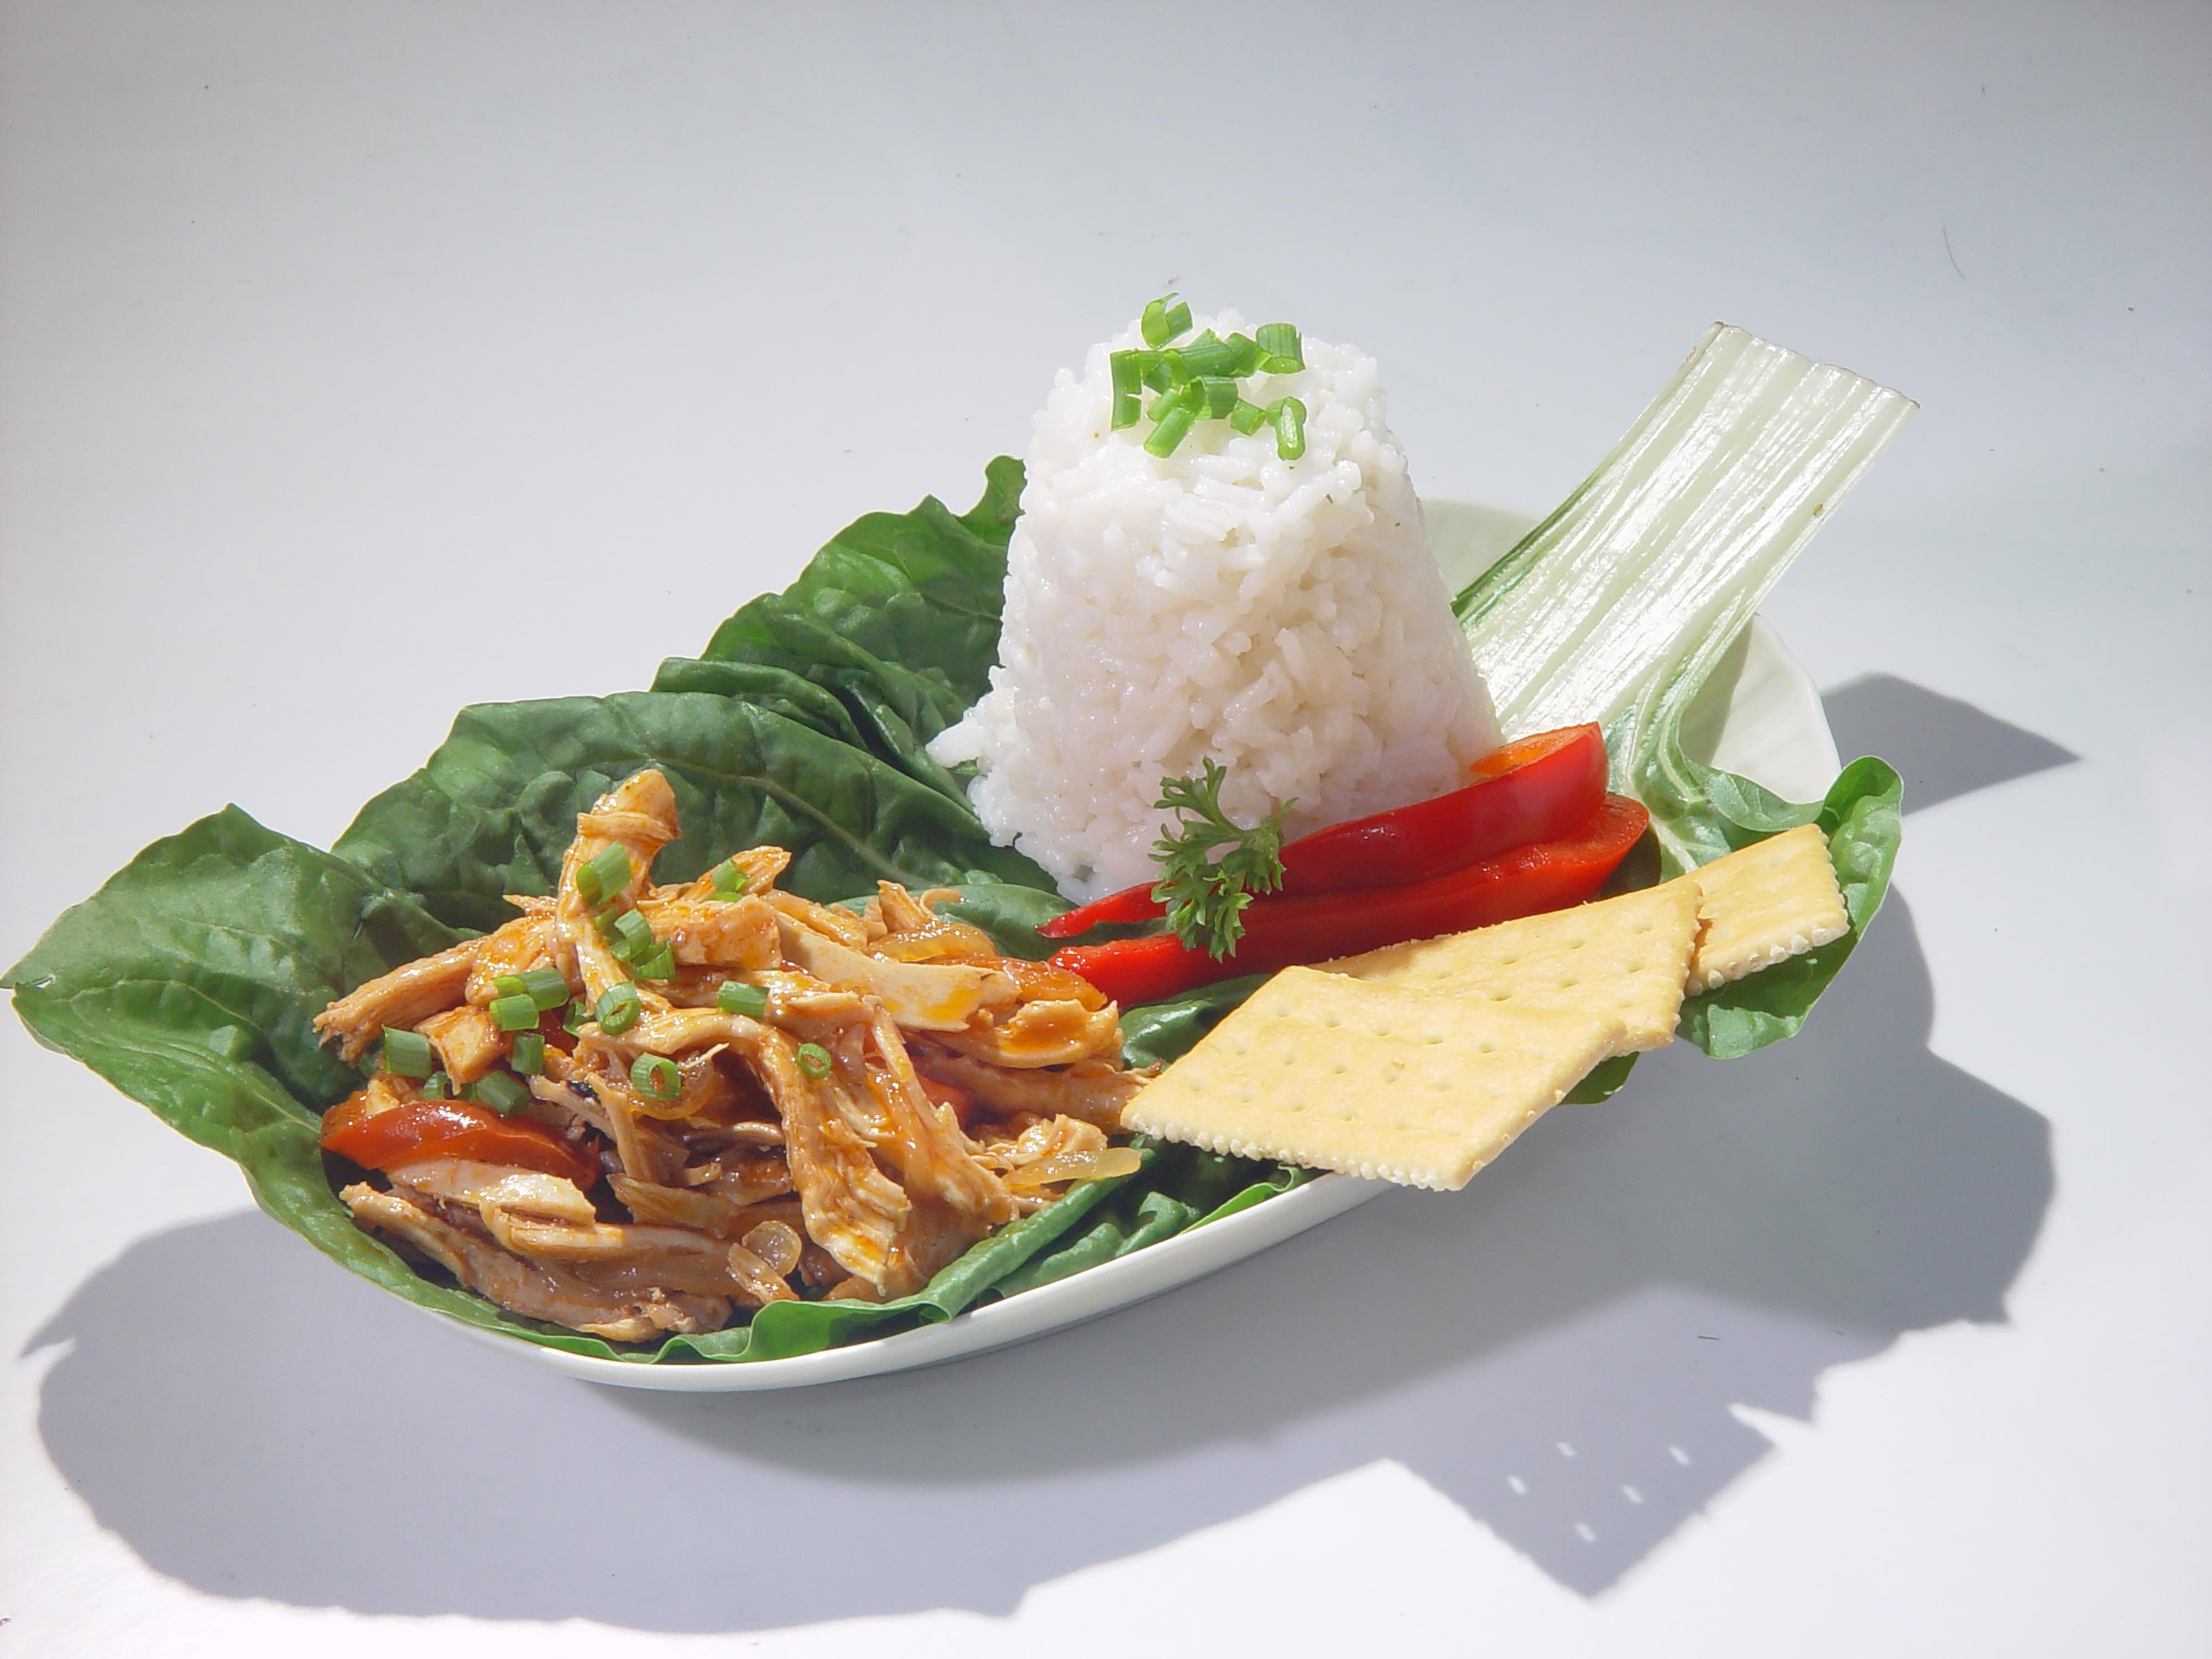 Free images dish cuisine vegetarian food leaf vegetable salad asian thai rice food dish cuisine vegetarian food leaf vegetable salad asian food vegetable thai food forumfinder Images